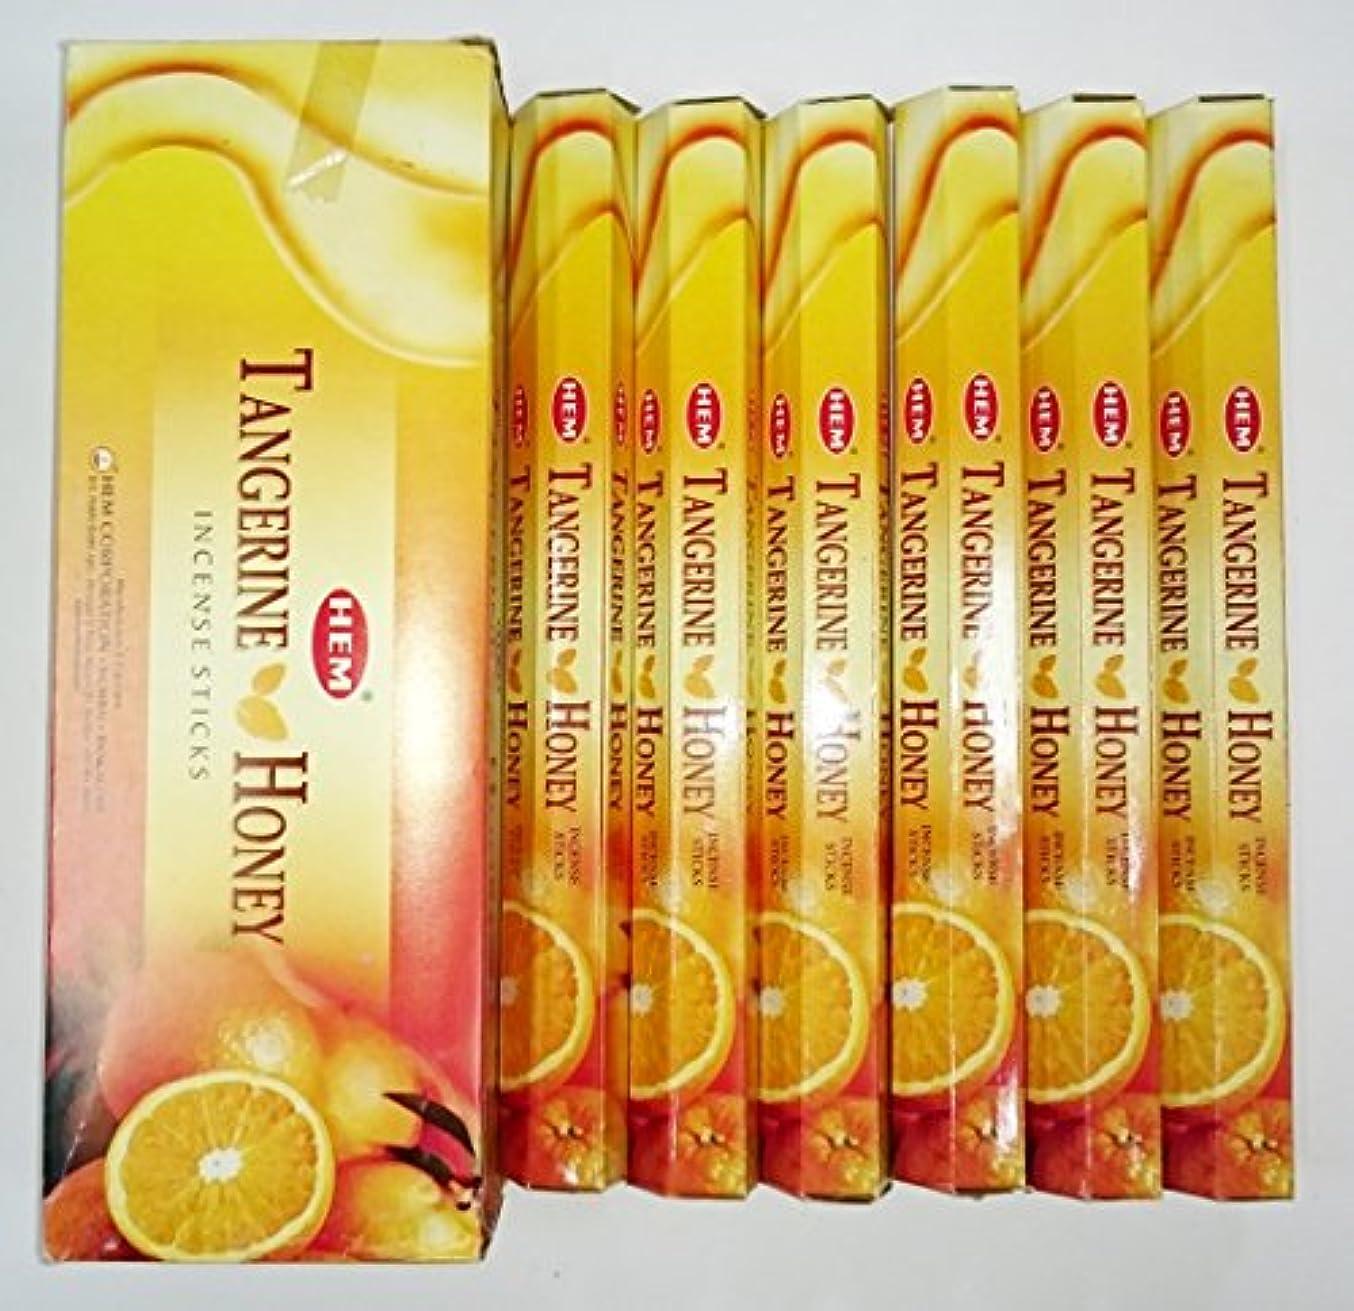 ジャンプする市民権複製HEM (ヘム) インセンス スティック へキサパック タンジェリンハニー 6角(20本入)×6箱 [並行輸入品]Tangerine Honey